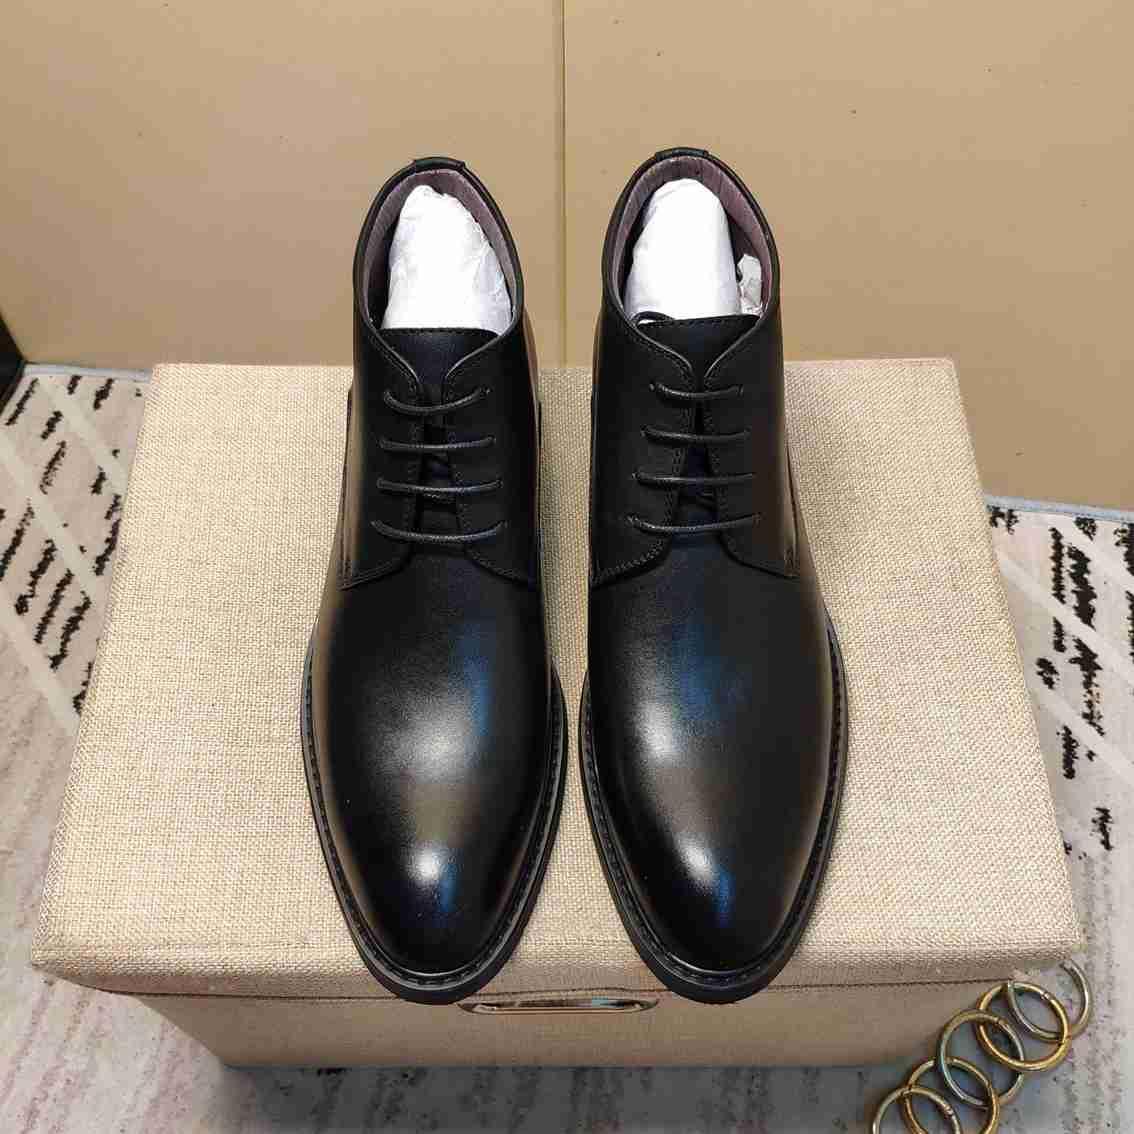 Горячая Продажа-замша роскошного бизнеса обувь кожа попробовать на обуви больших размеров мужской черная красных мужской свадьба обувь